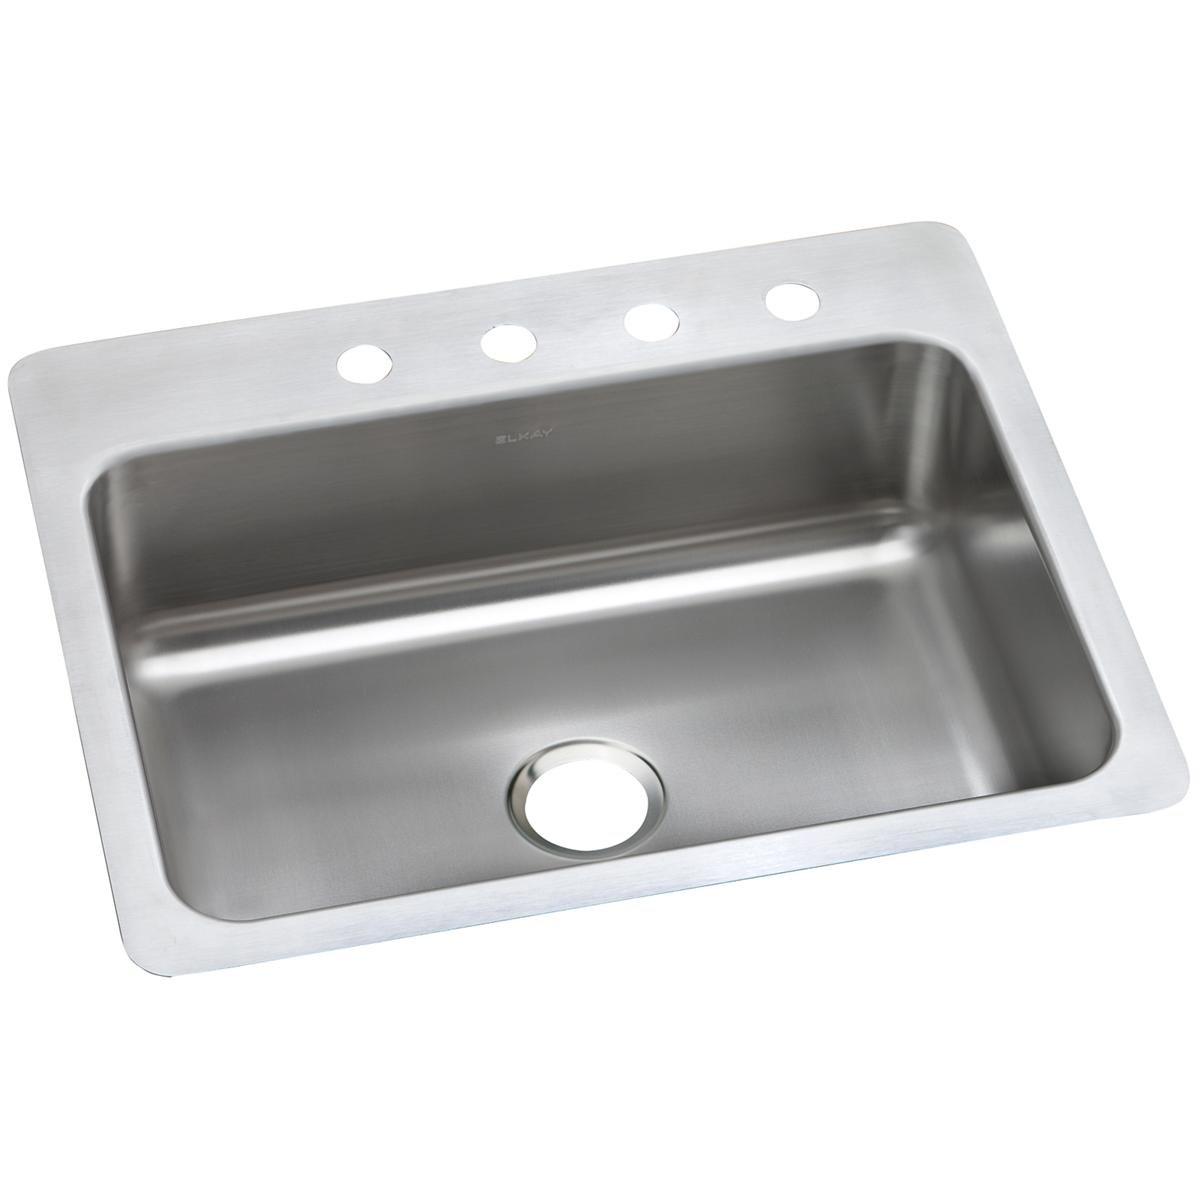 Elkay DSESR127221 Dayton Single Bowl Dual Mount Stainless Steel Sink by Elkay